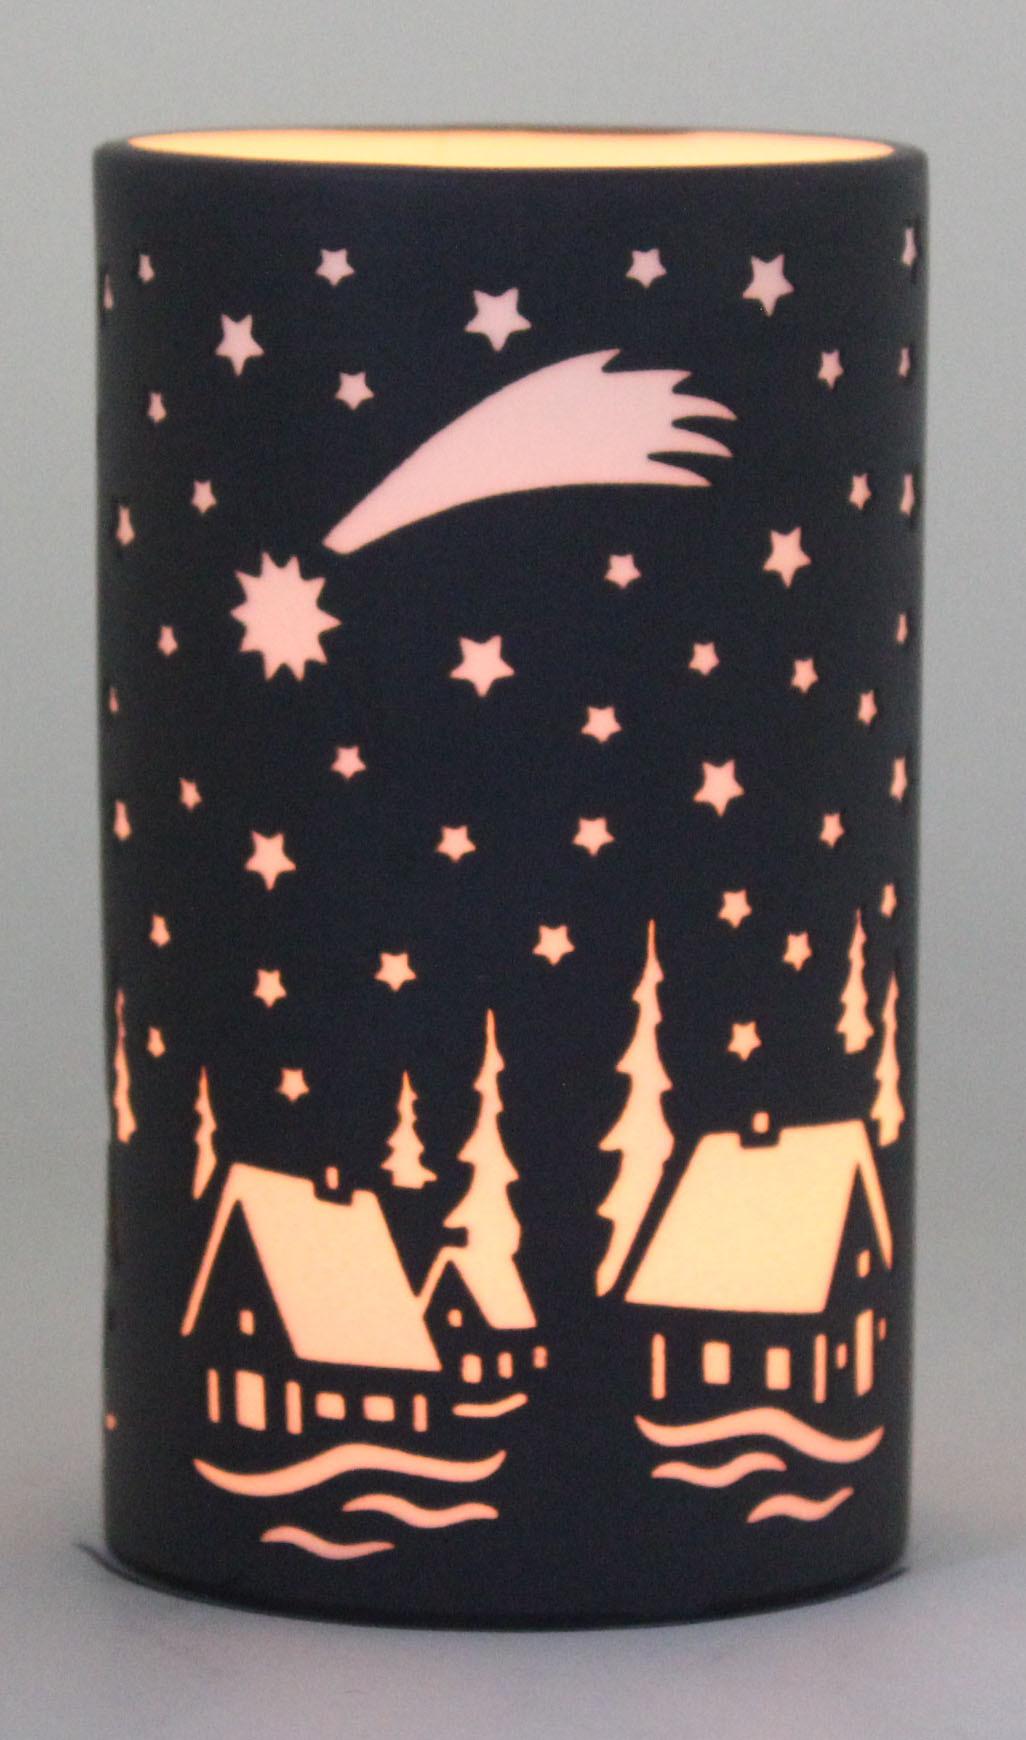 陶瓷燭台 PP17022B